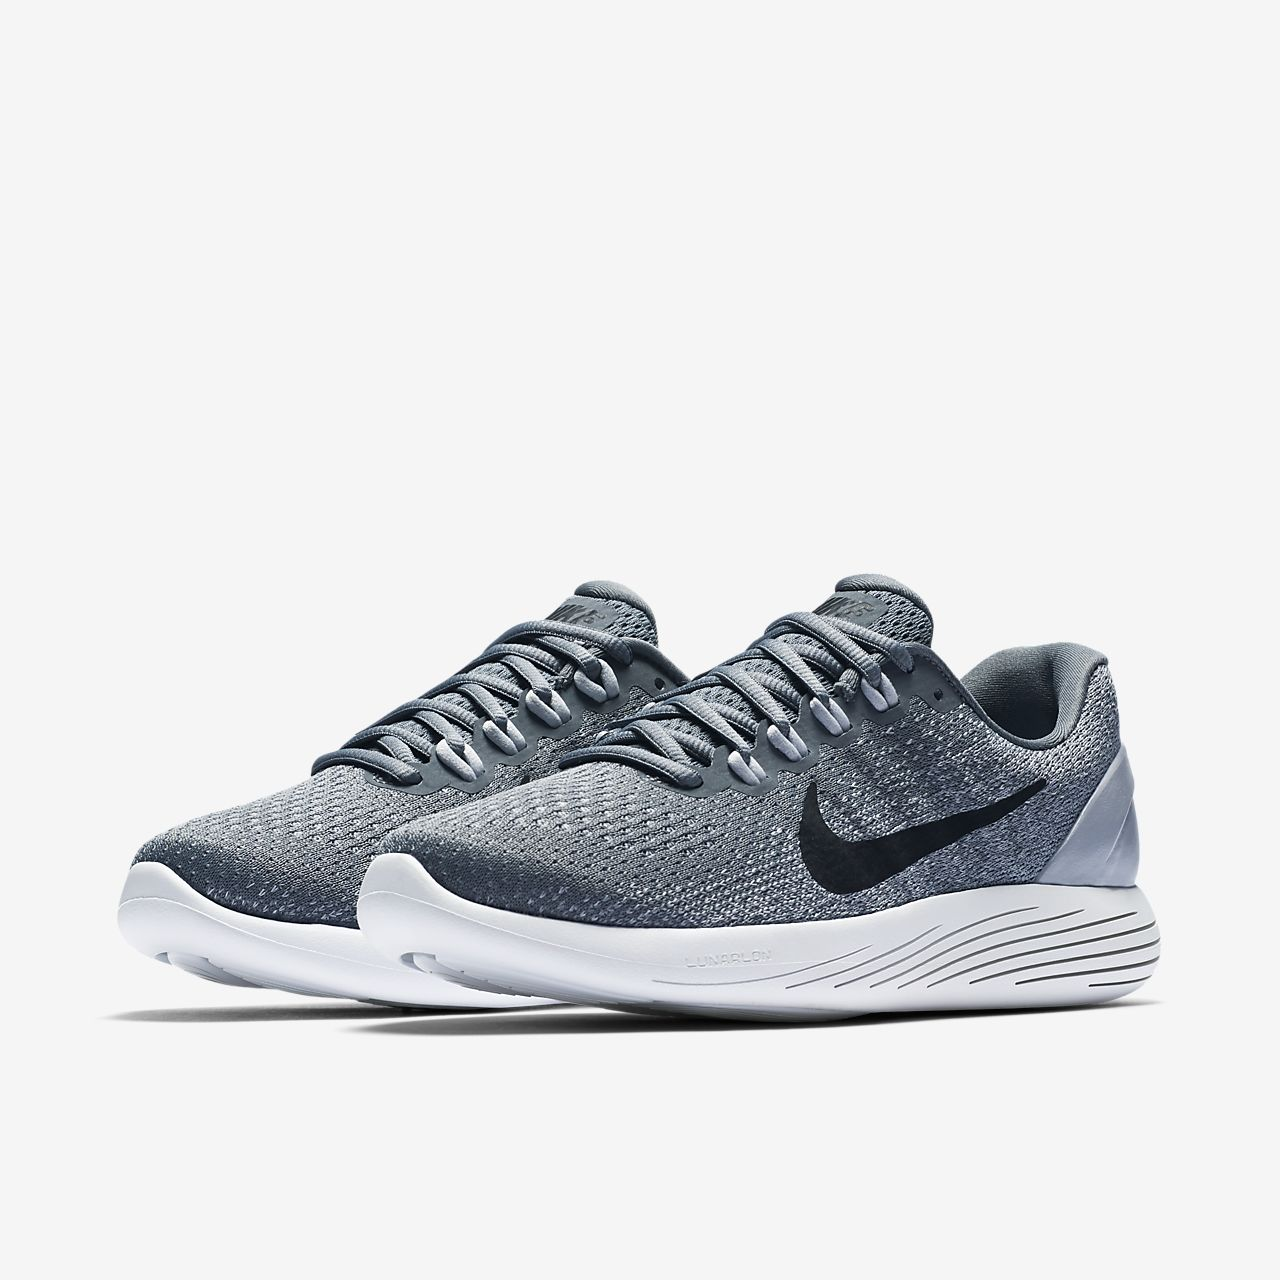 581bb2ef28d9d Chaussure de running Nike LunarGlide 9 pour Femme. Nike.com CA